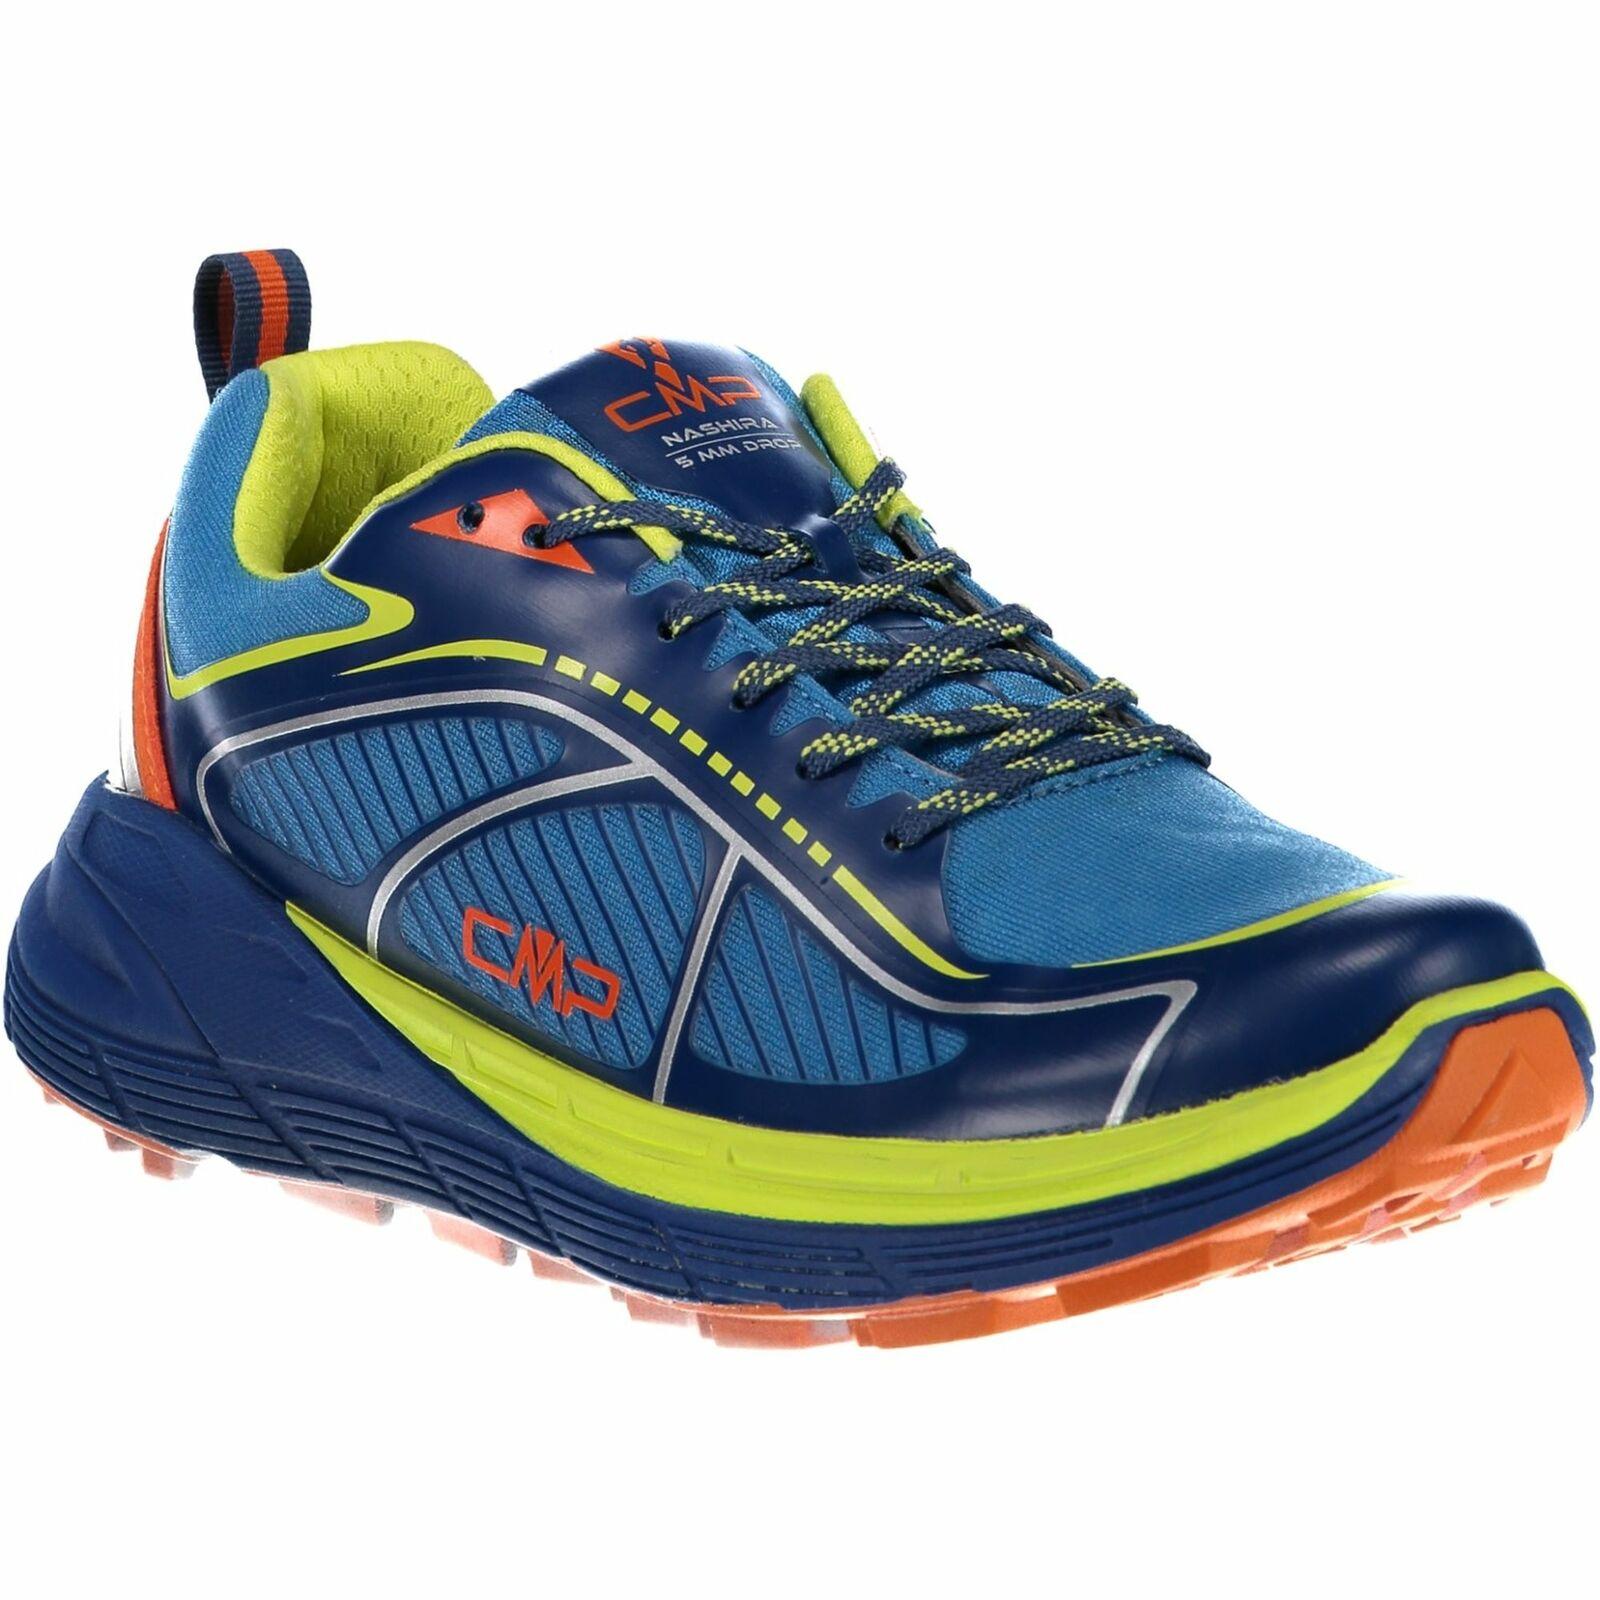 CMP zapatillas calzado deportivo Nashira maxi trail zapatos azul monocromo Mesh